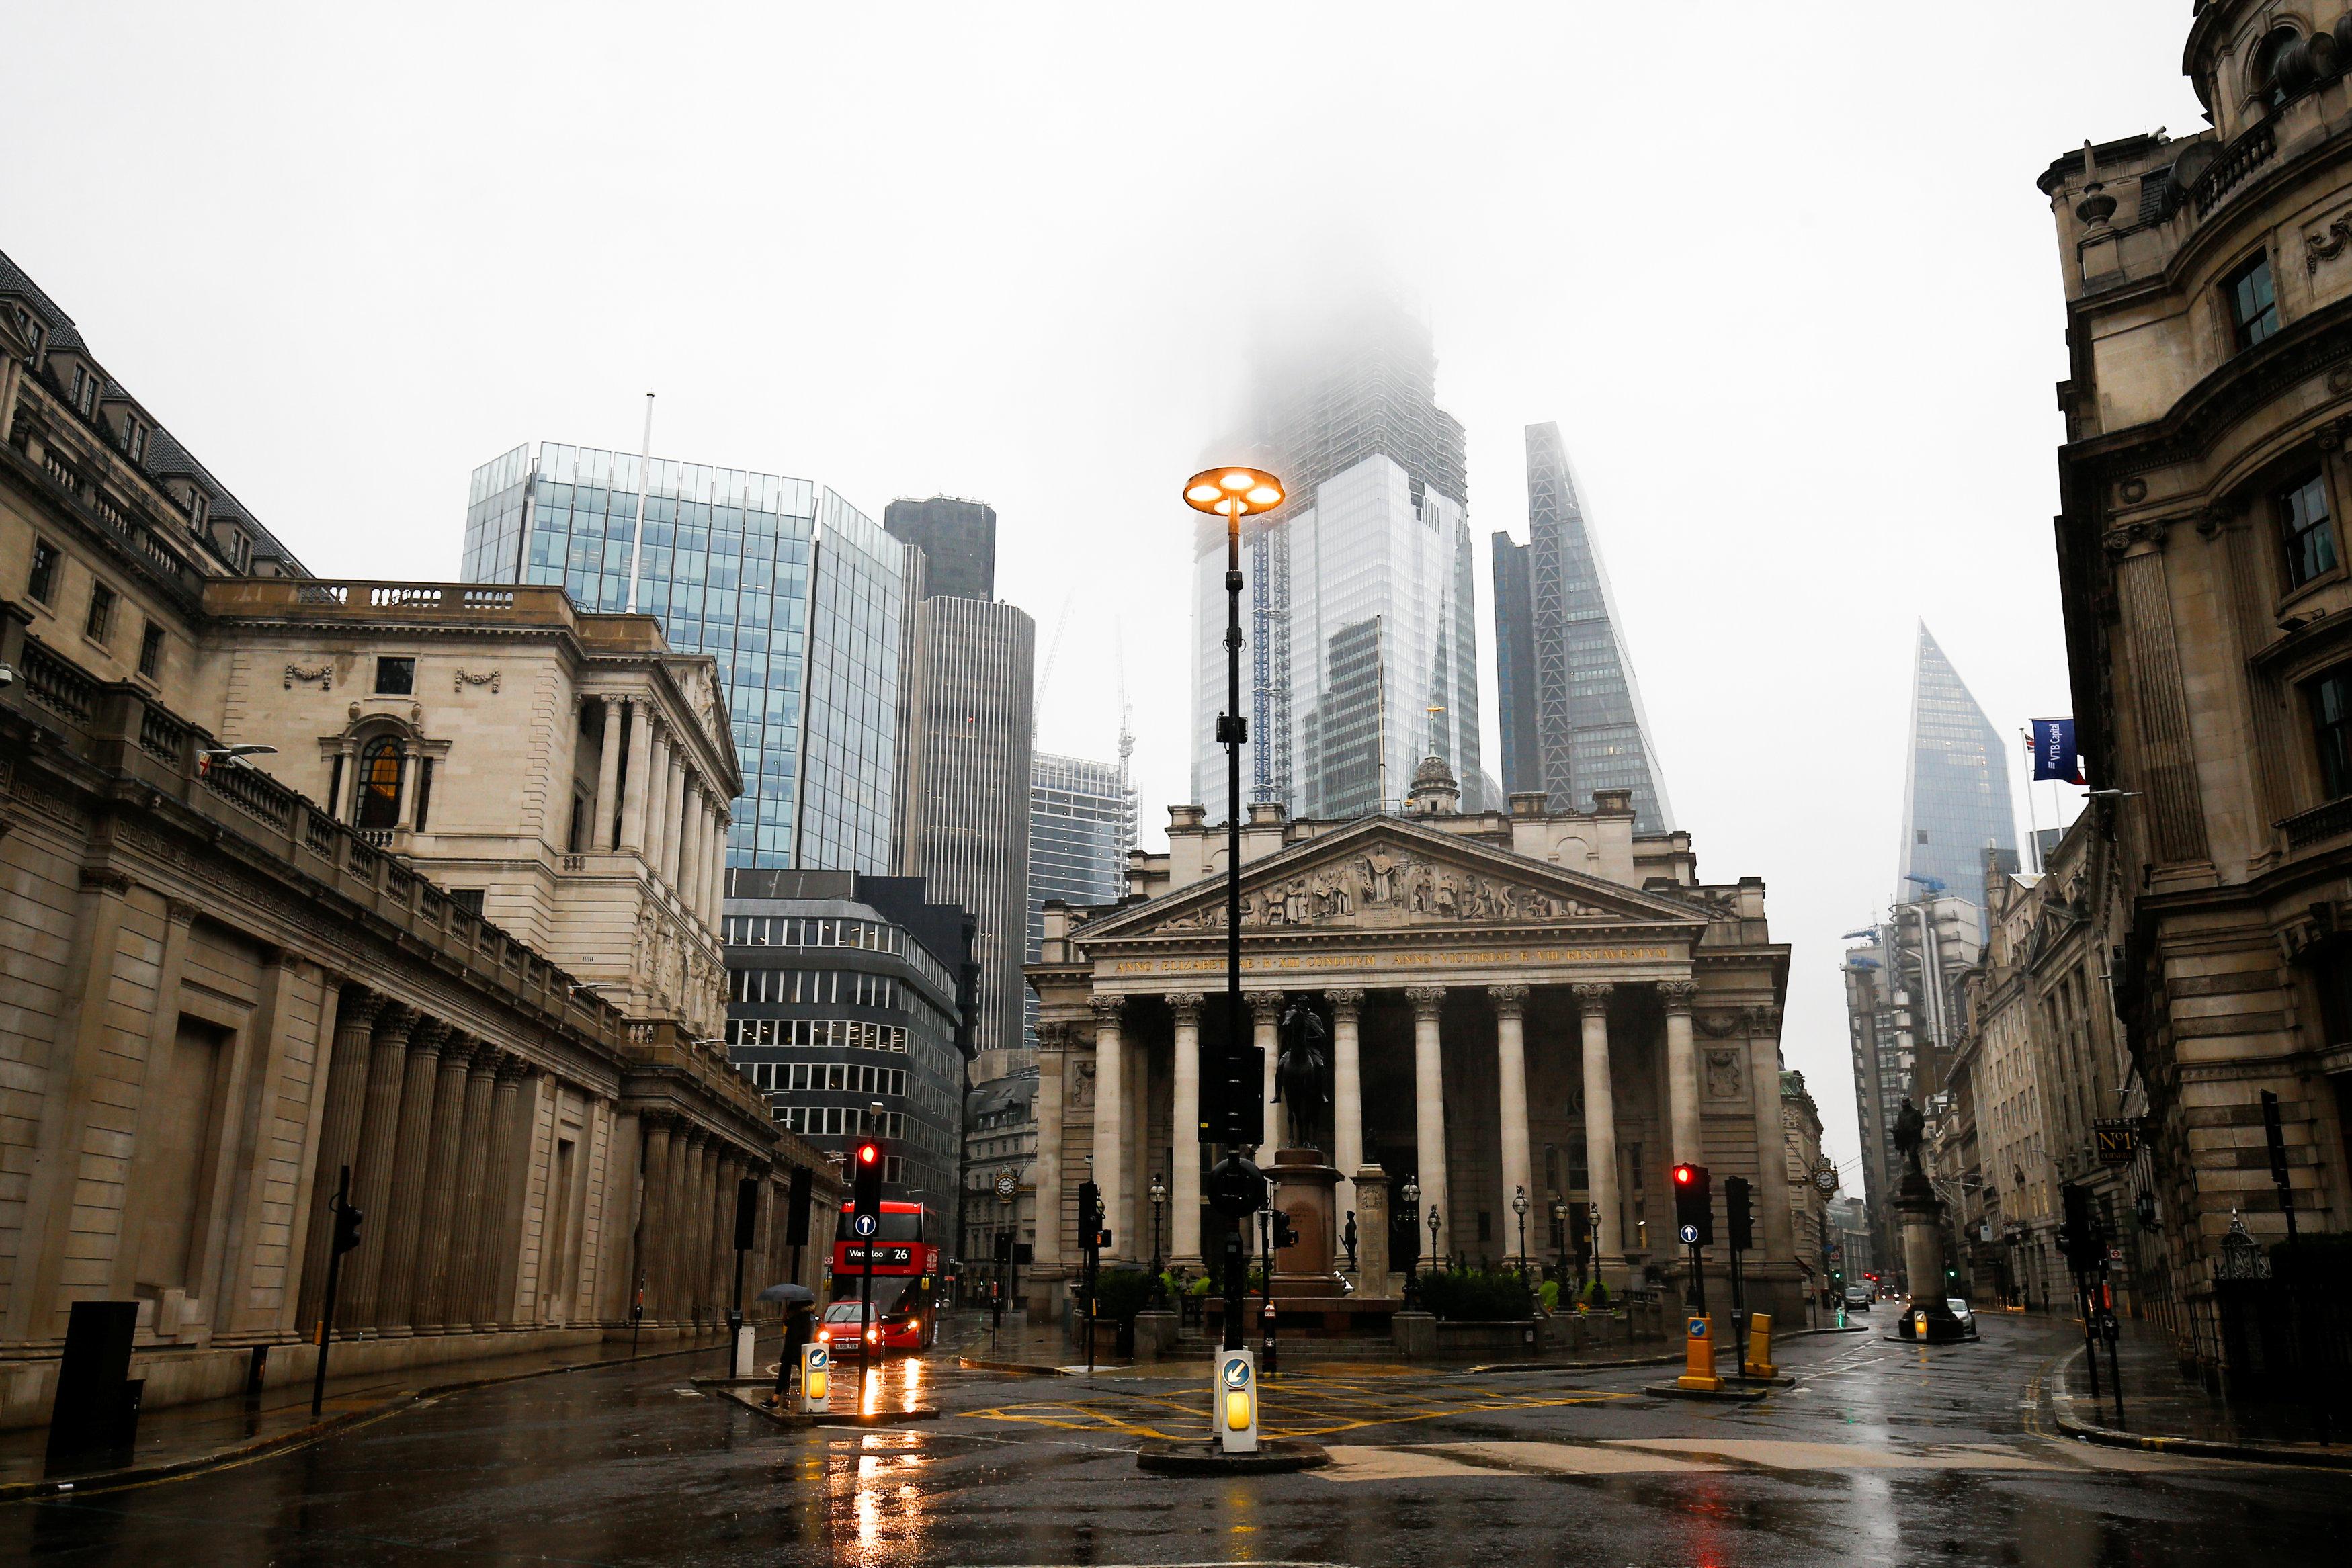 يوم ممطر بالحى المالى فى العاصمة البريطانية